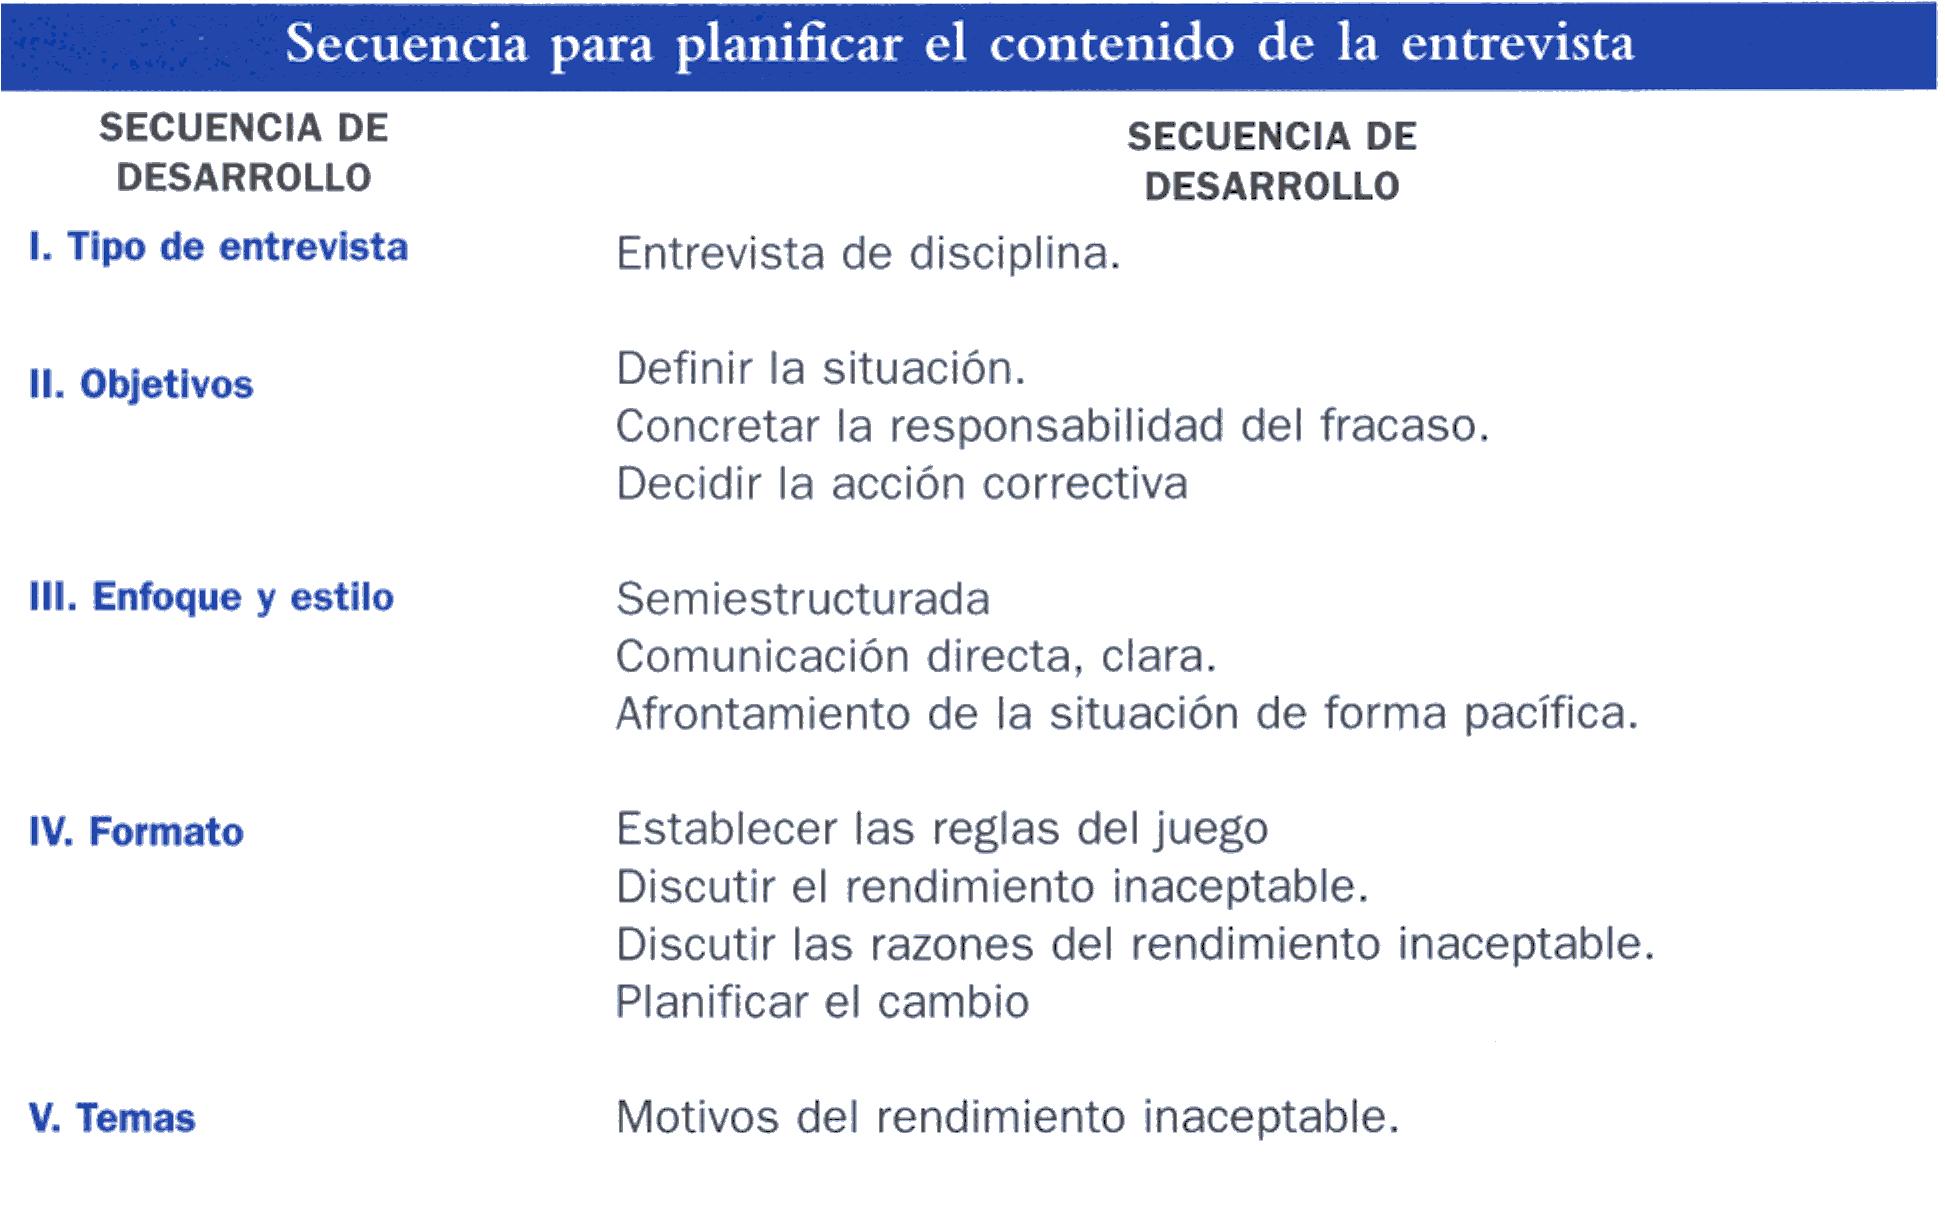 Secuencias para planificar el contenido de la entrevista